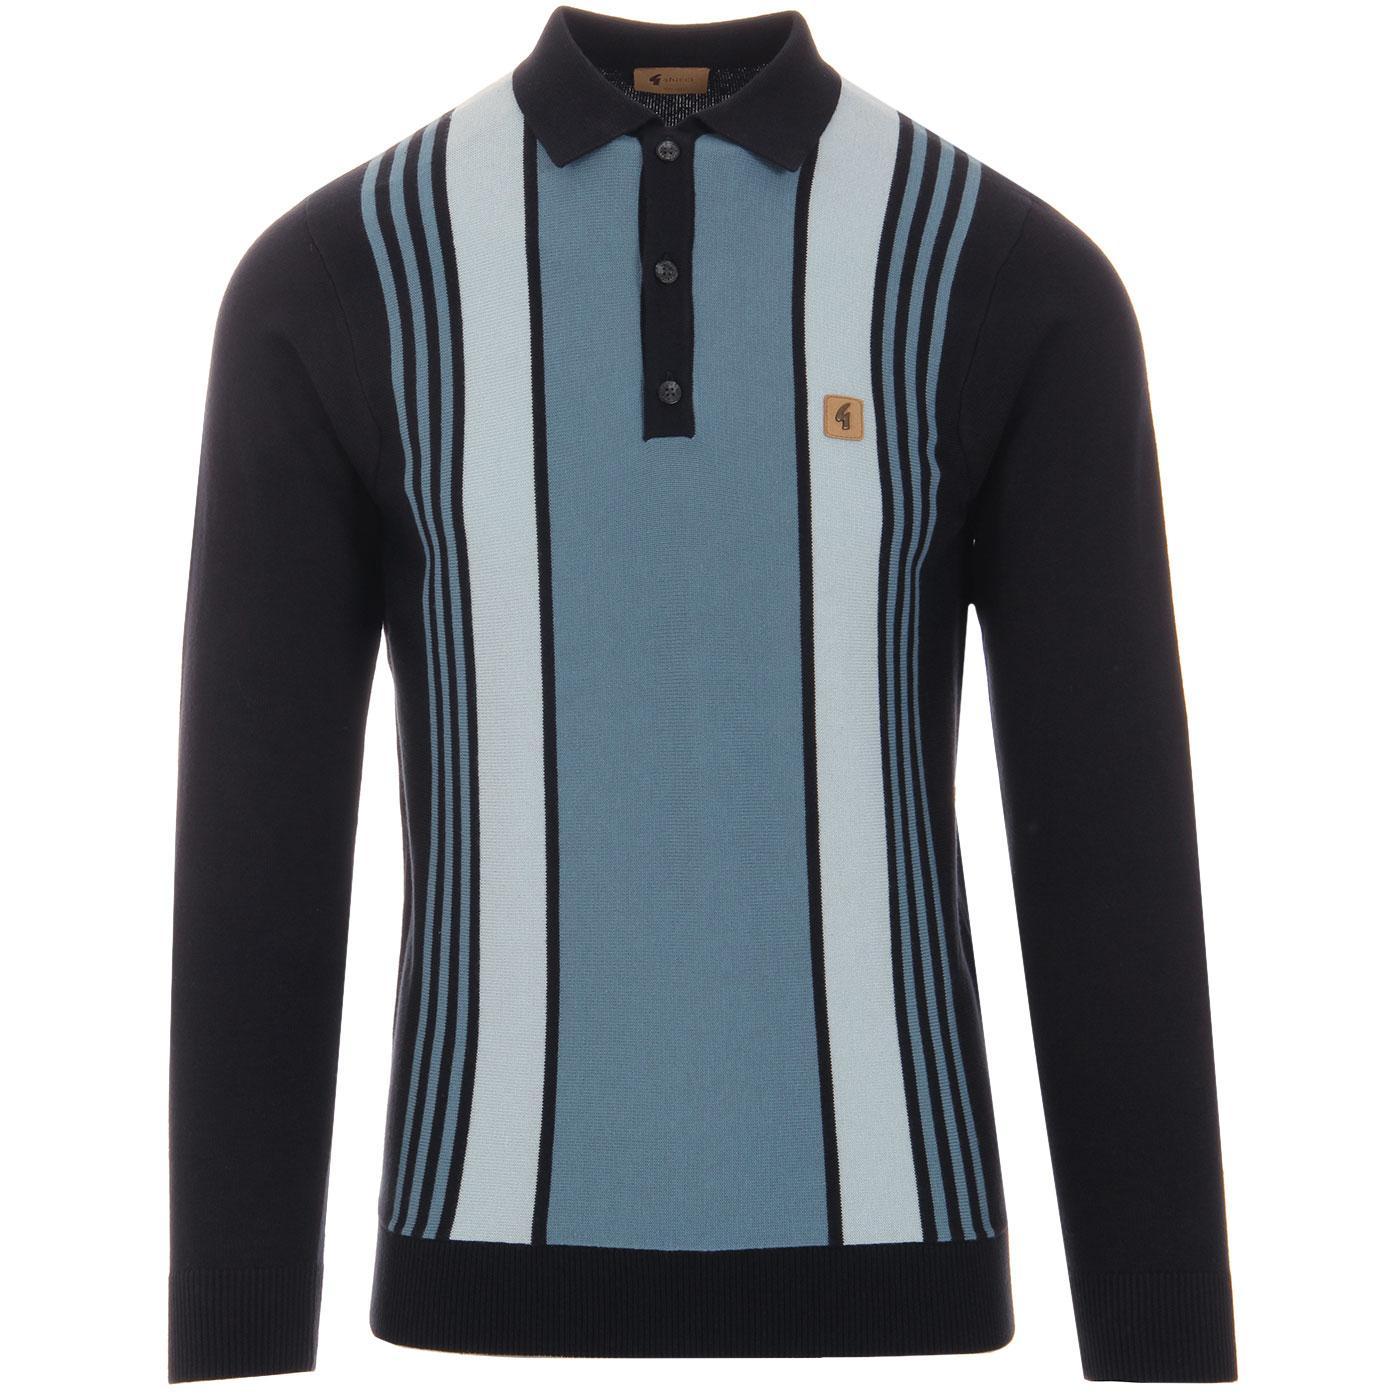 Searle GABICCI VINTAGE Mod Stripe Knit Polo (Navy)